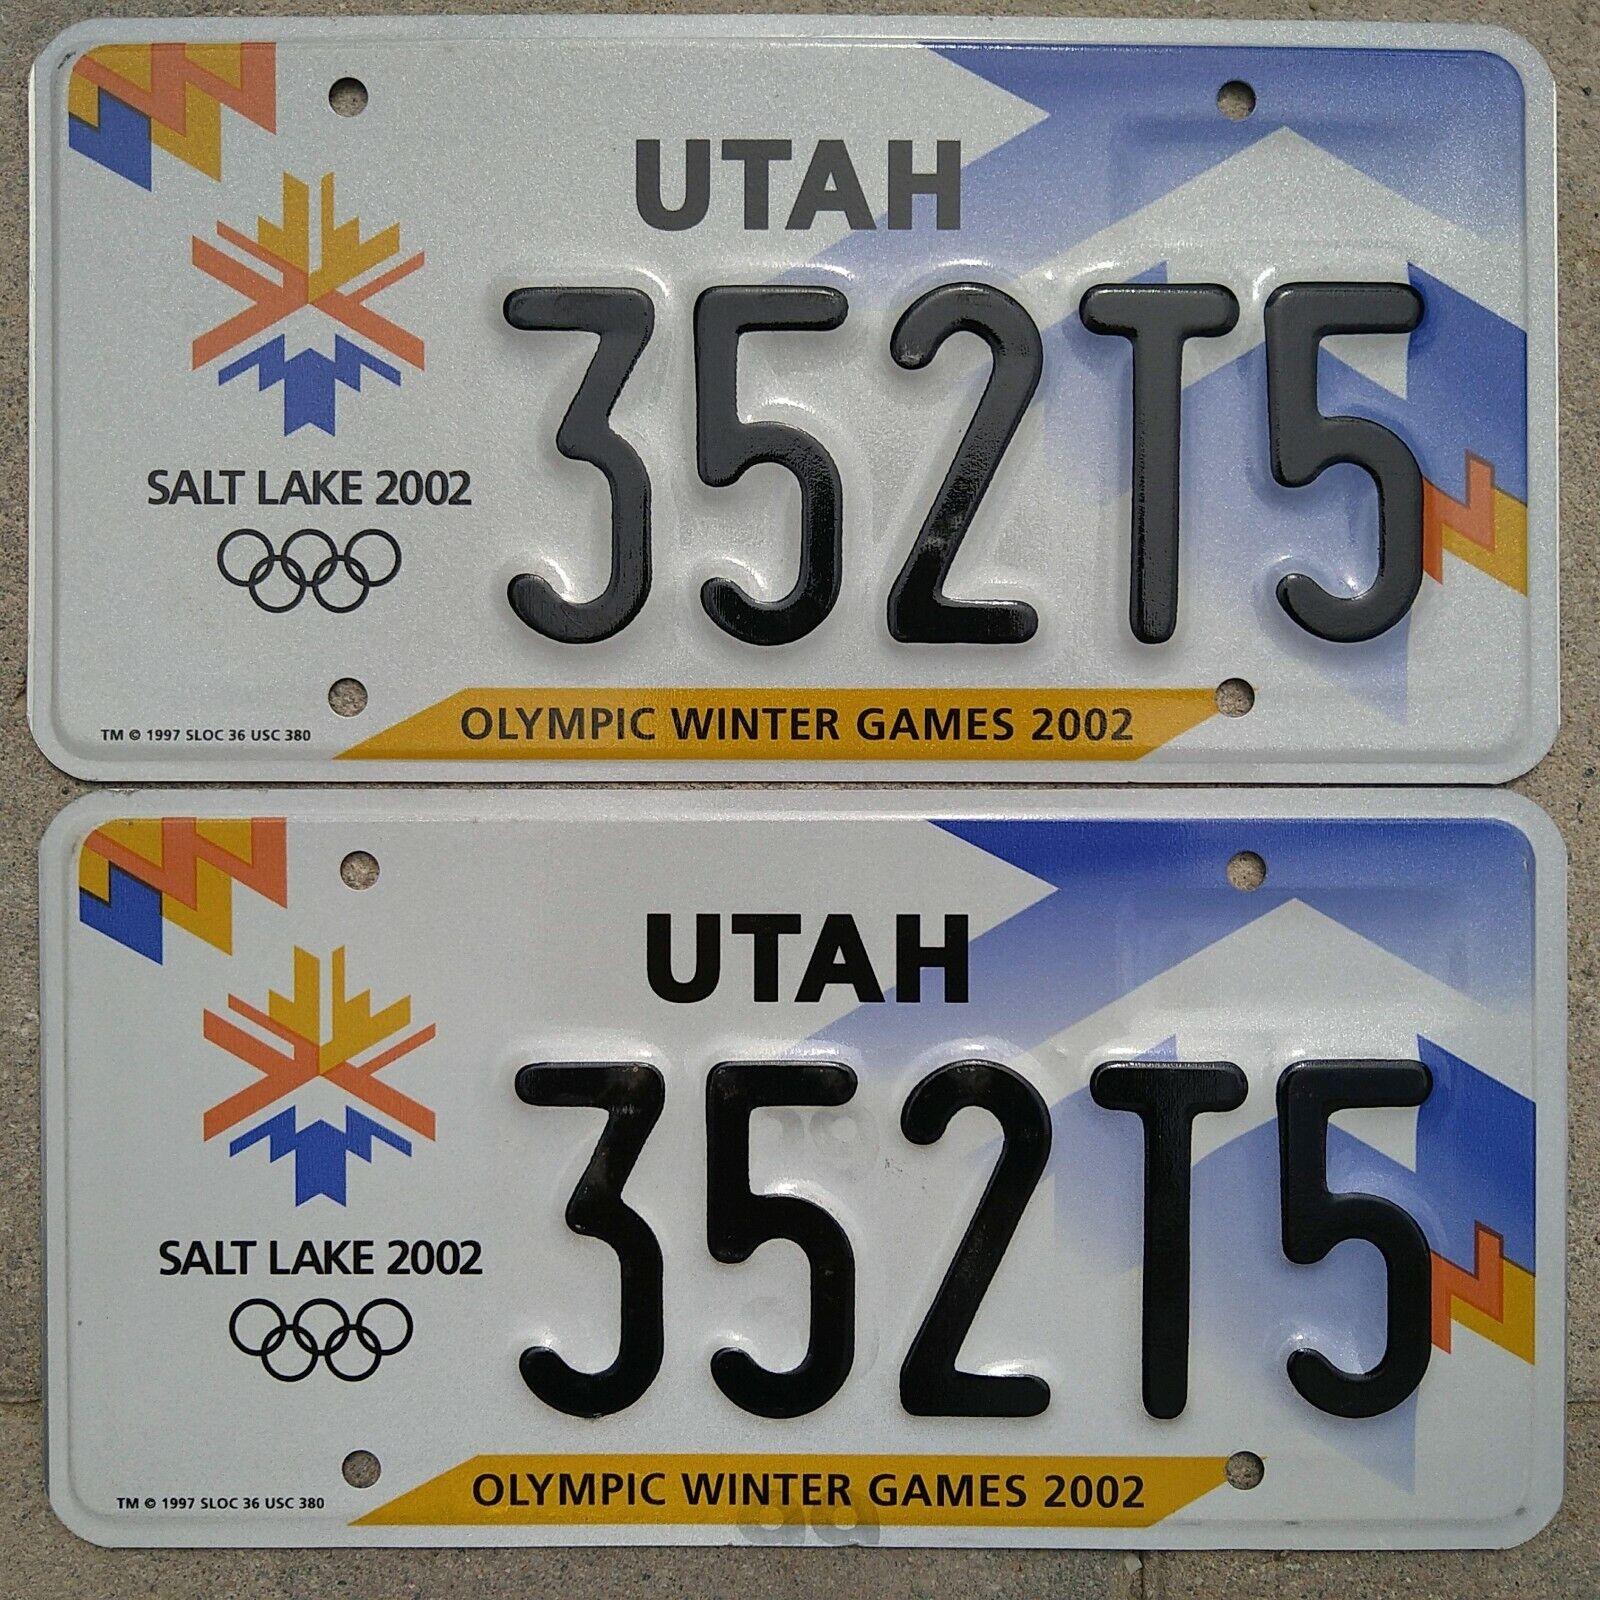 Utah Olympische Winterspiele 2002 Kennzeichen Nummernschild PAAR Salt Lake City